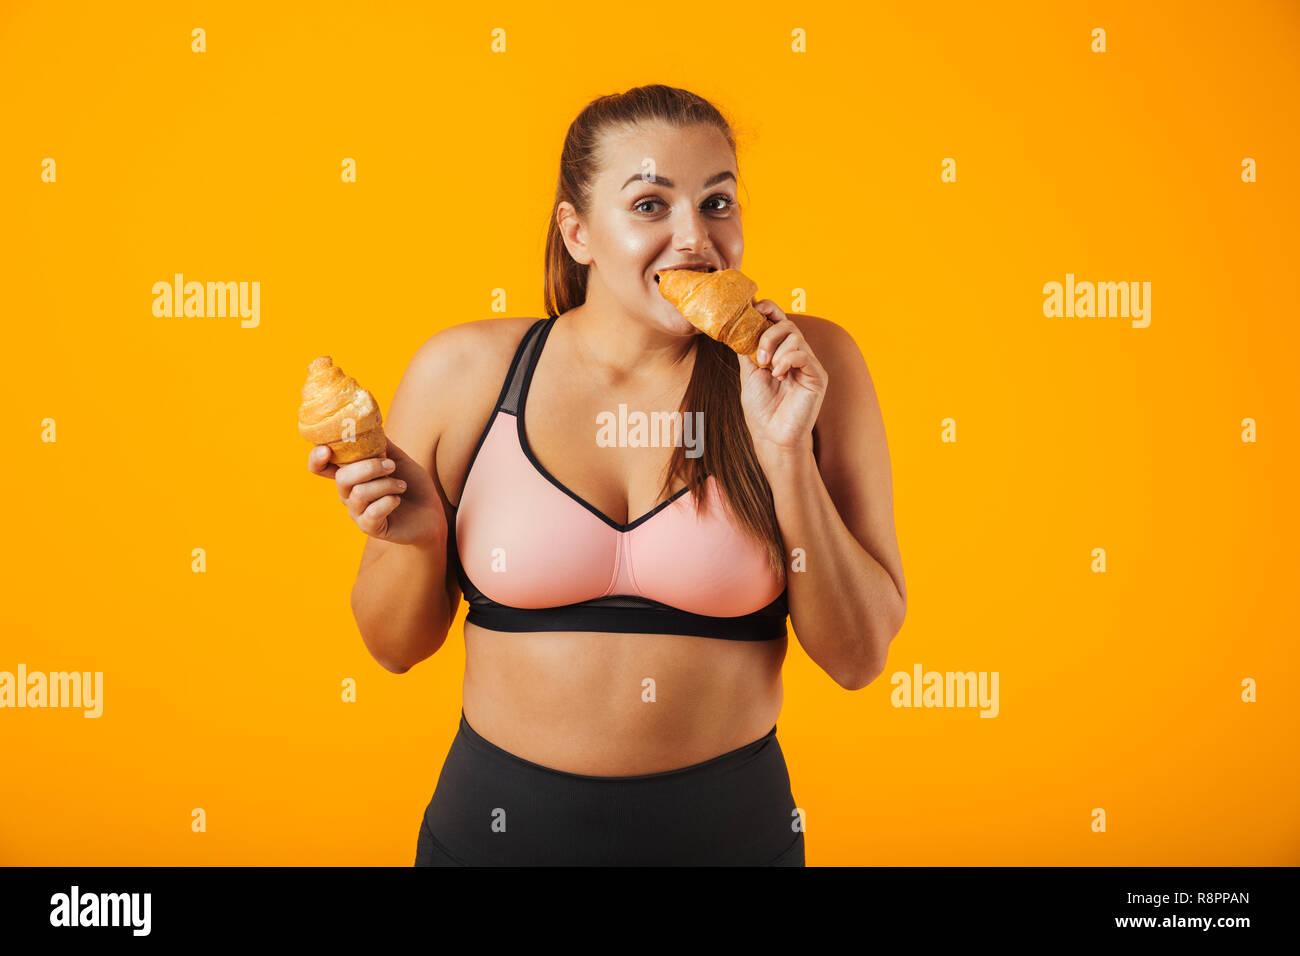 Rachel roxxx stroking away www imporn net